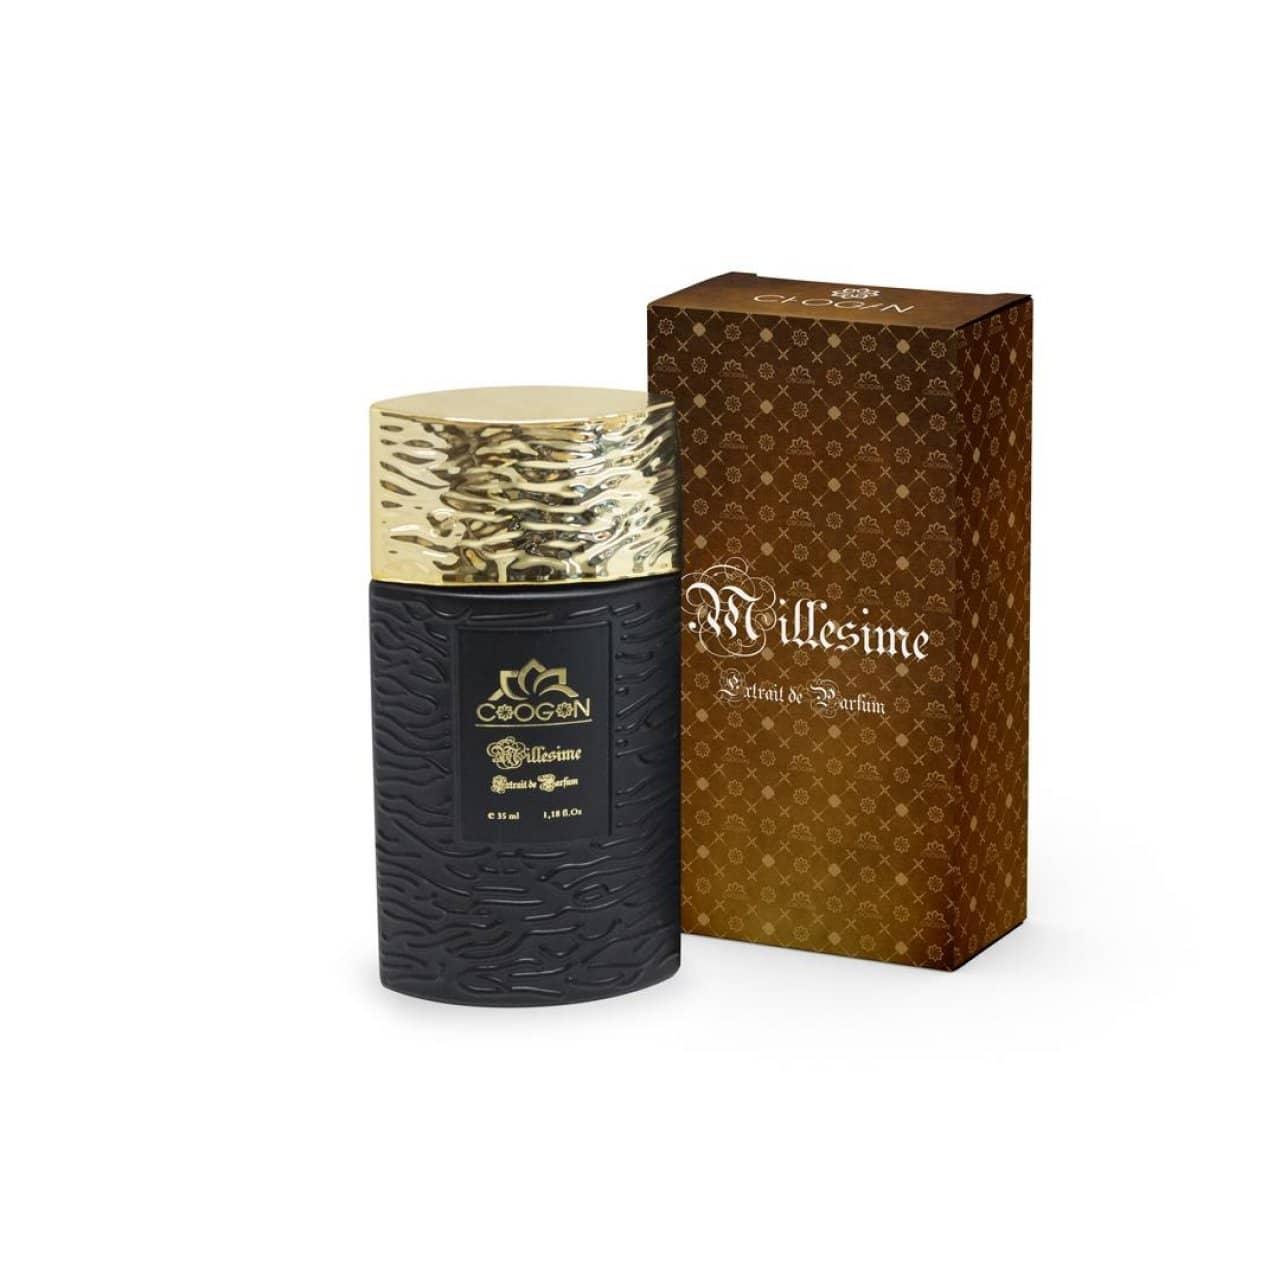 Parfum homme réf 004-35ml